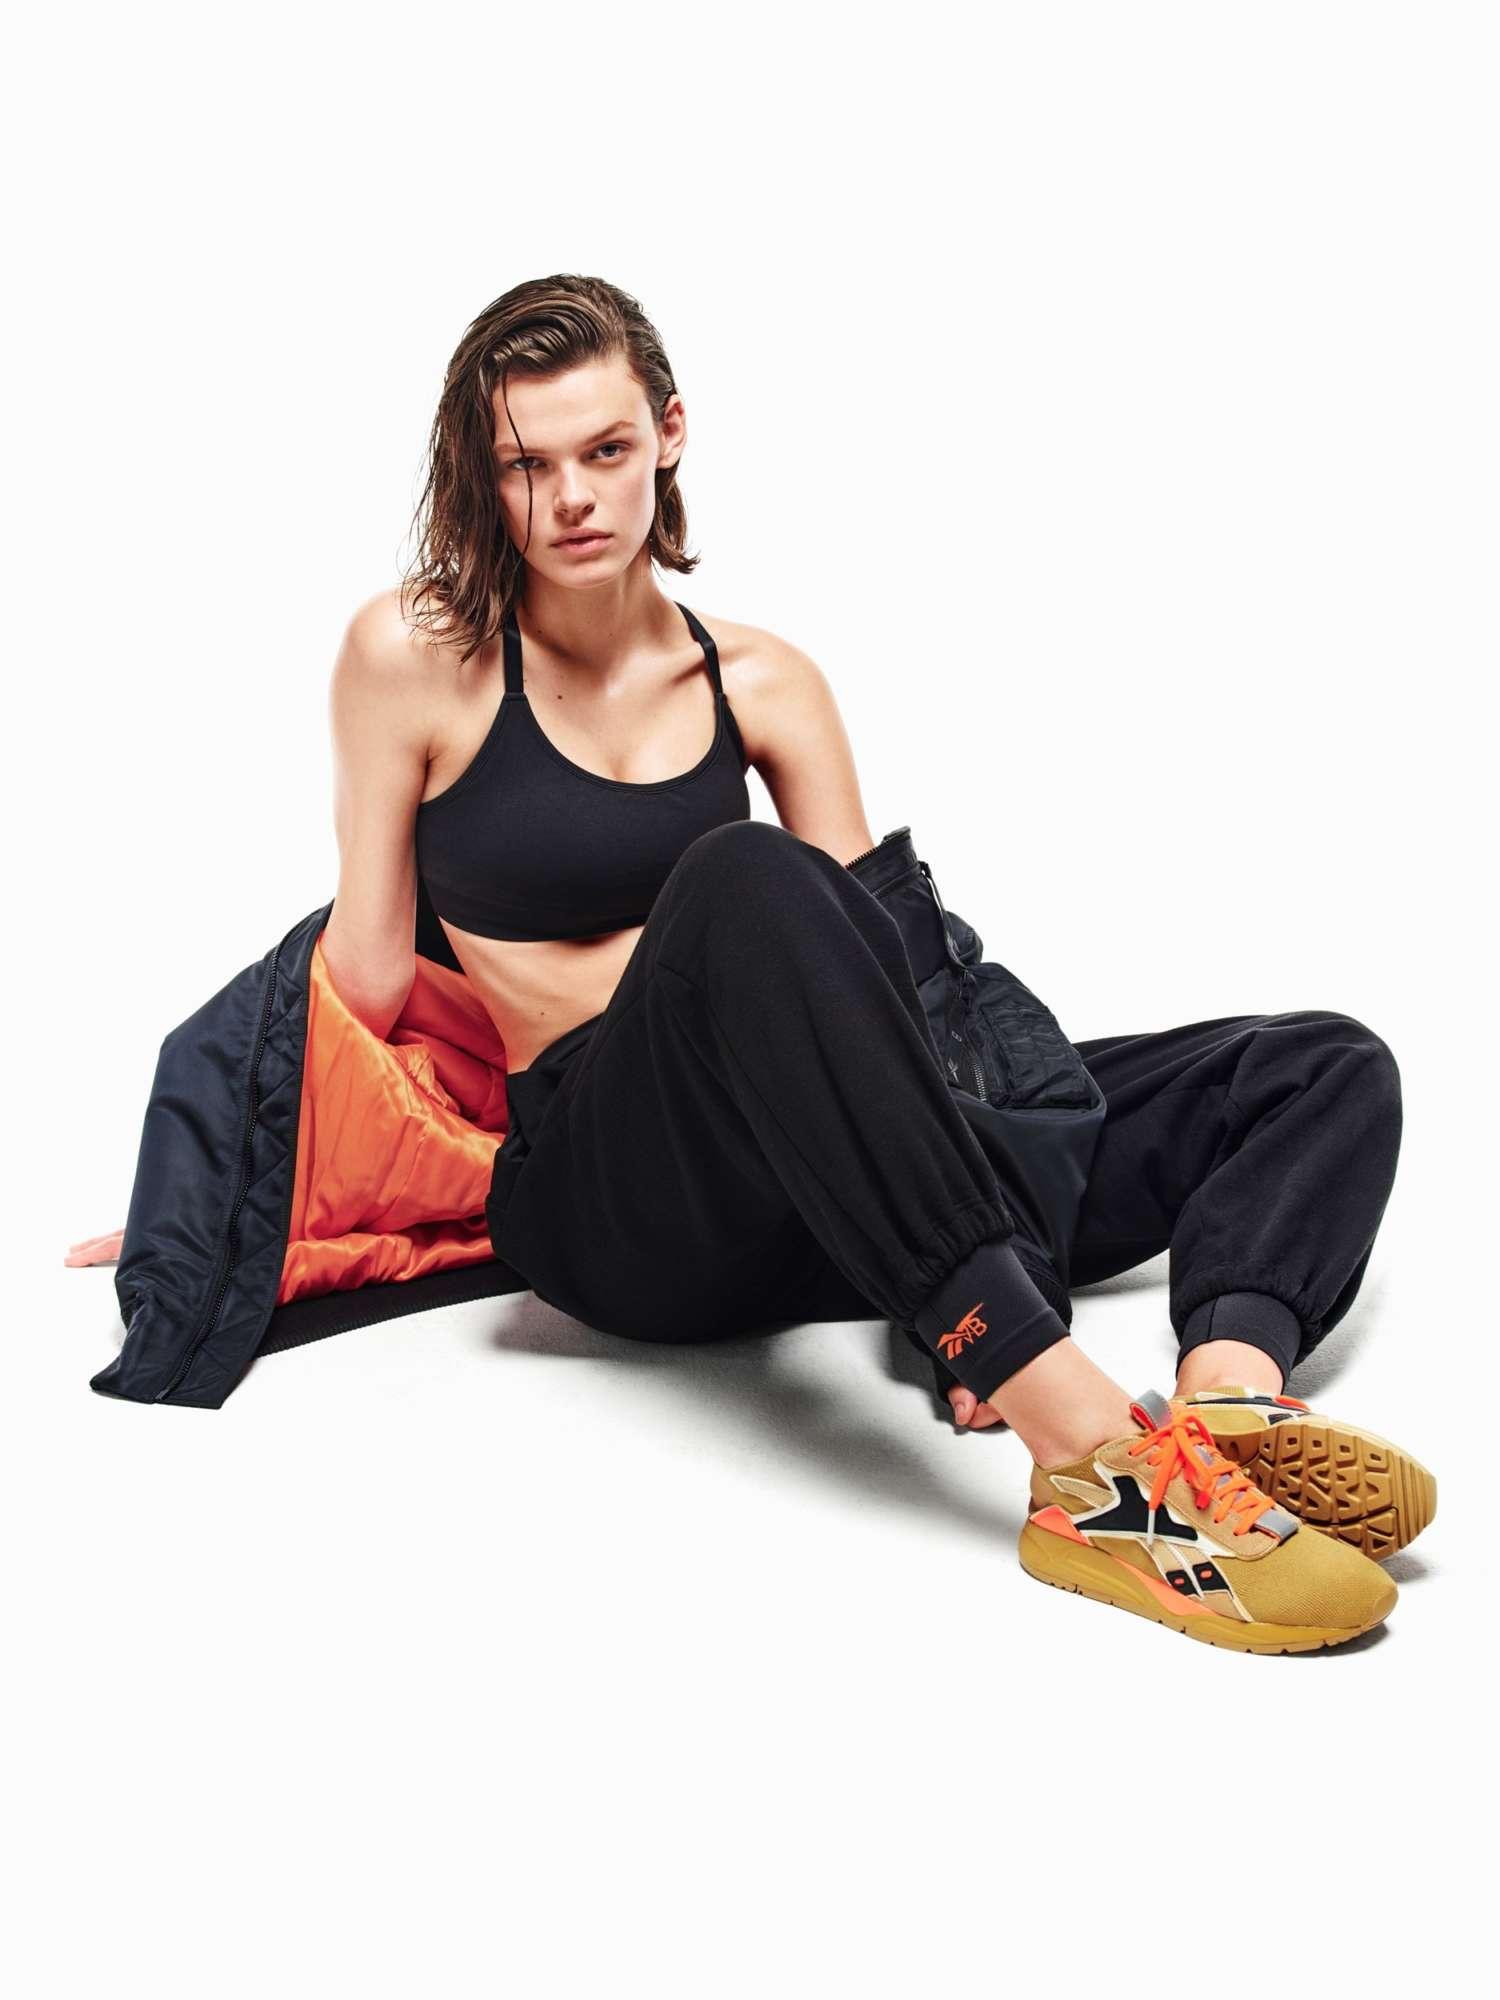 Виктория Бекхэм совместно с Reebok создала коллекцию спортивной одежды-Фото 2